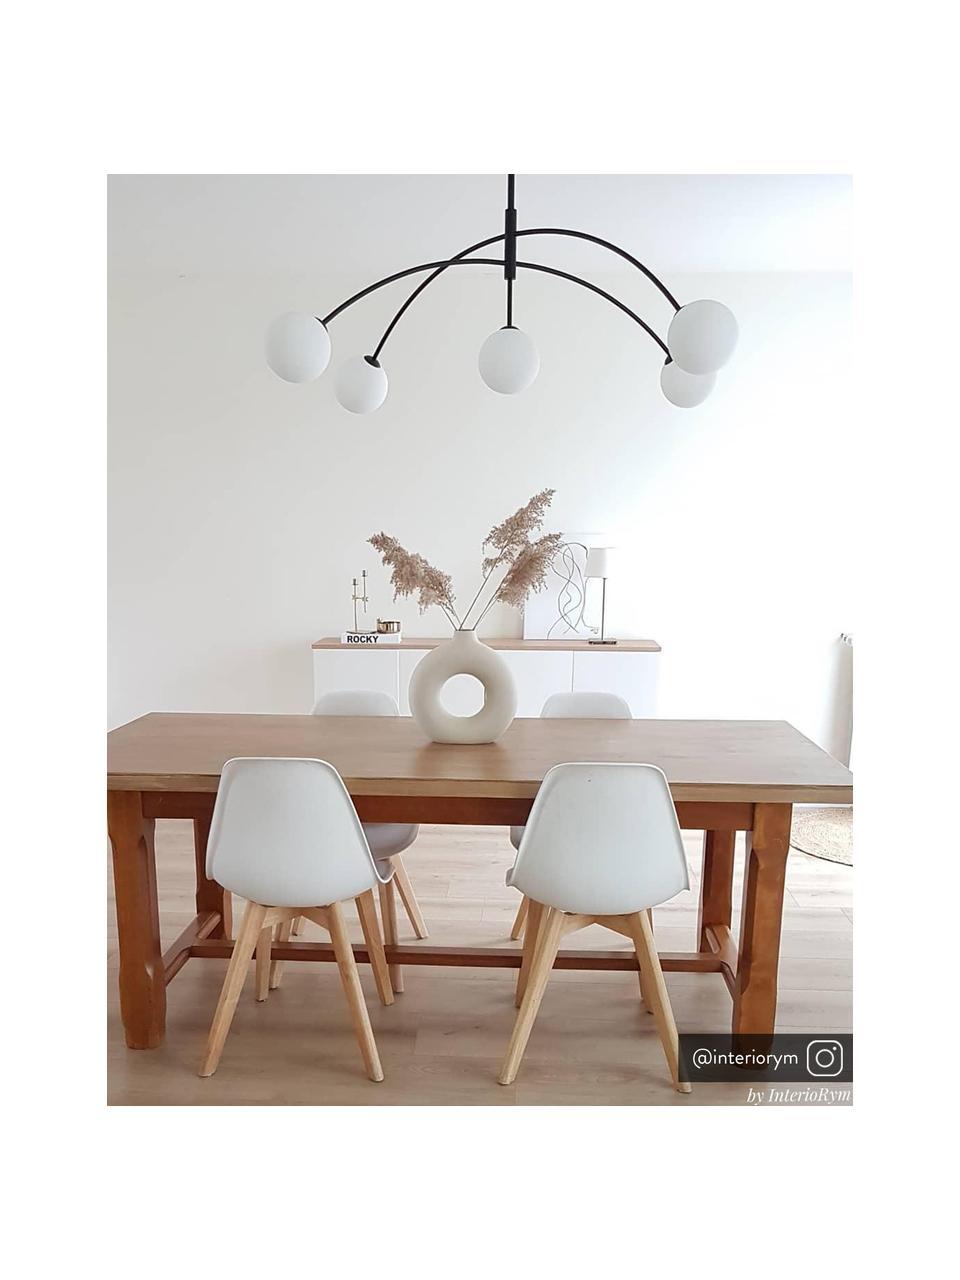 Lampada a sospensione in vetro opale Heaven, Paralume: vetro opale, Baldacchino: metallo rivestito, Nero, Ø 117 x Alt. 70 cm